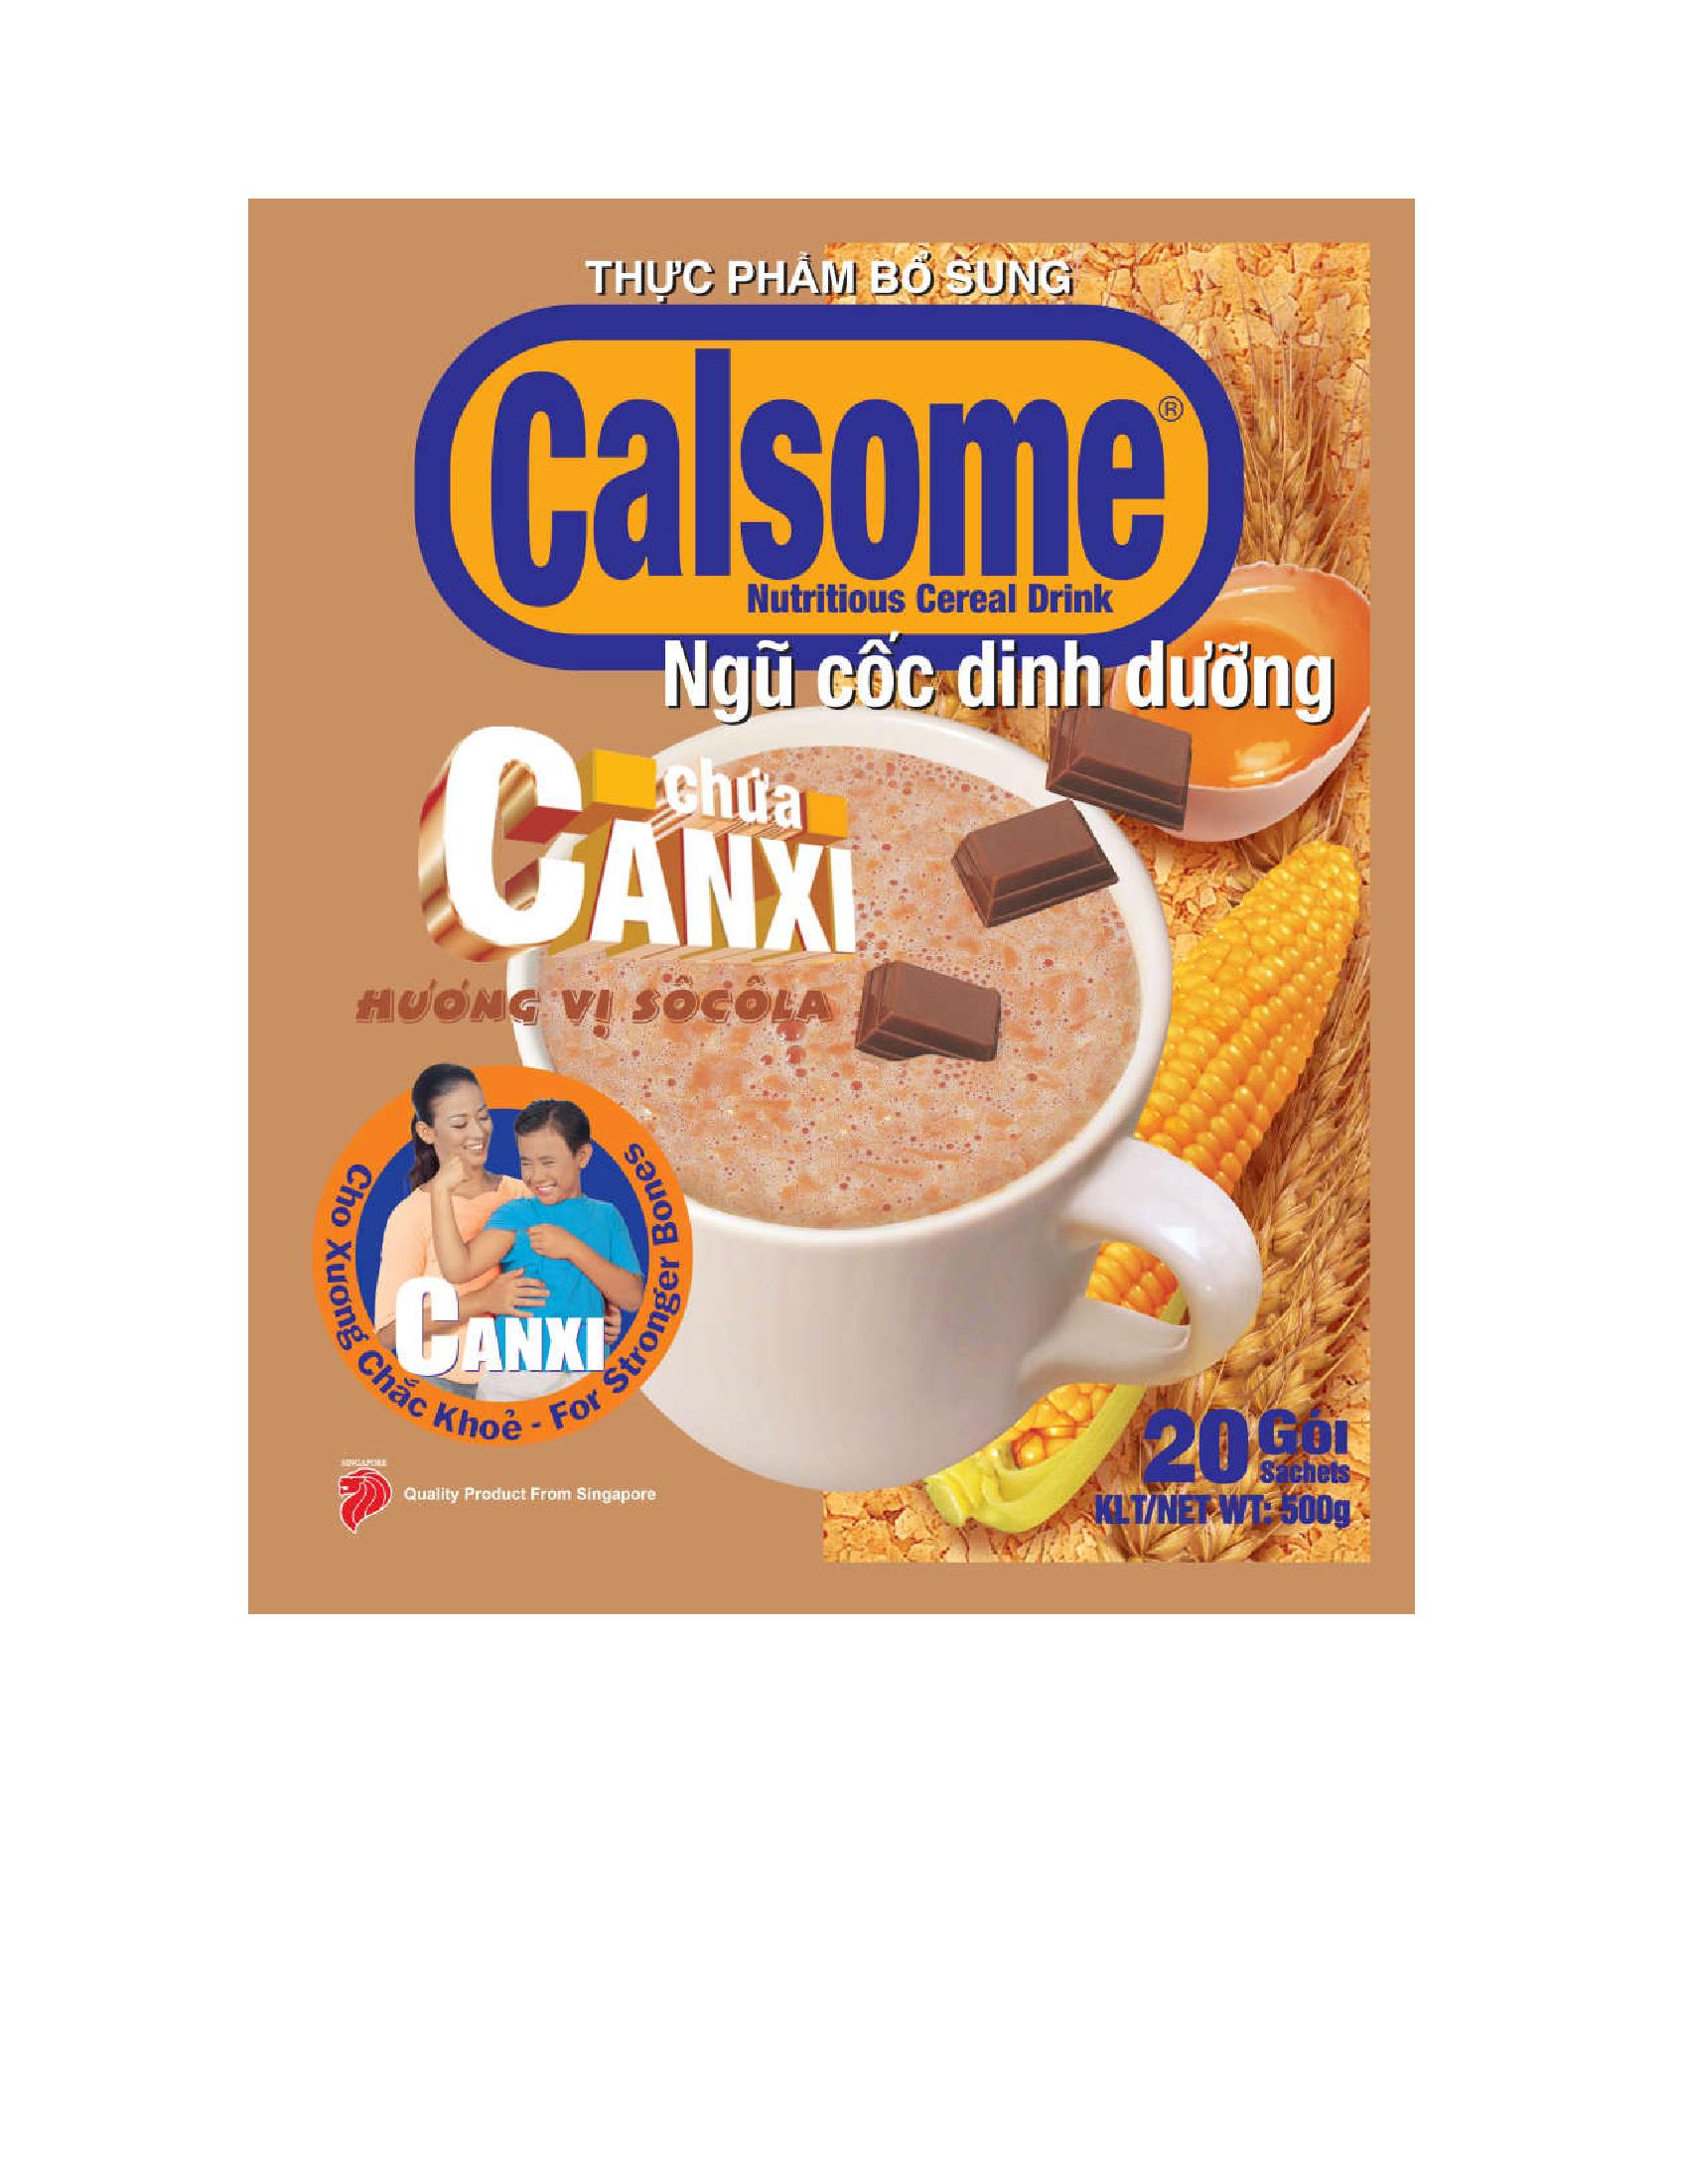 Bột ngũ cốc dinh dưỡng Calsome hương Sô cô la - 918715 , 5460240407505 , 62_1820323 , 60000 , Bot-ngu-coc-dinh-duong-Calsome-huong-So-co-la-62_1820323 , tiki.vn , Bột ngũ cốc dinh dưỡng Calsome hương Sô cô la